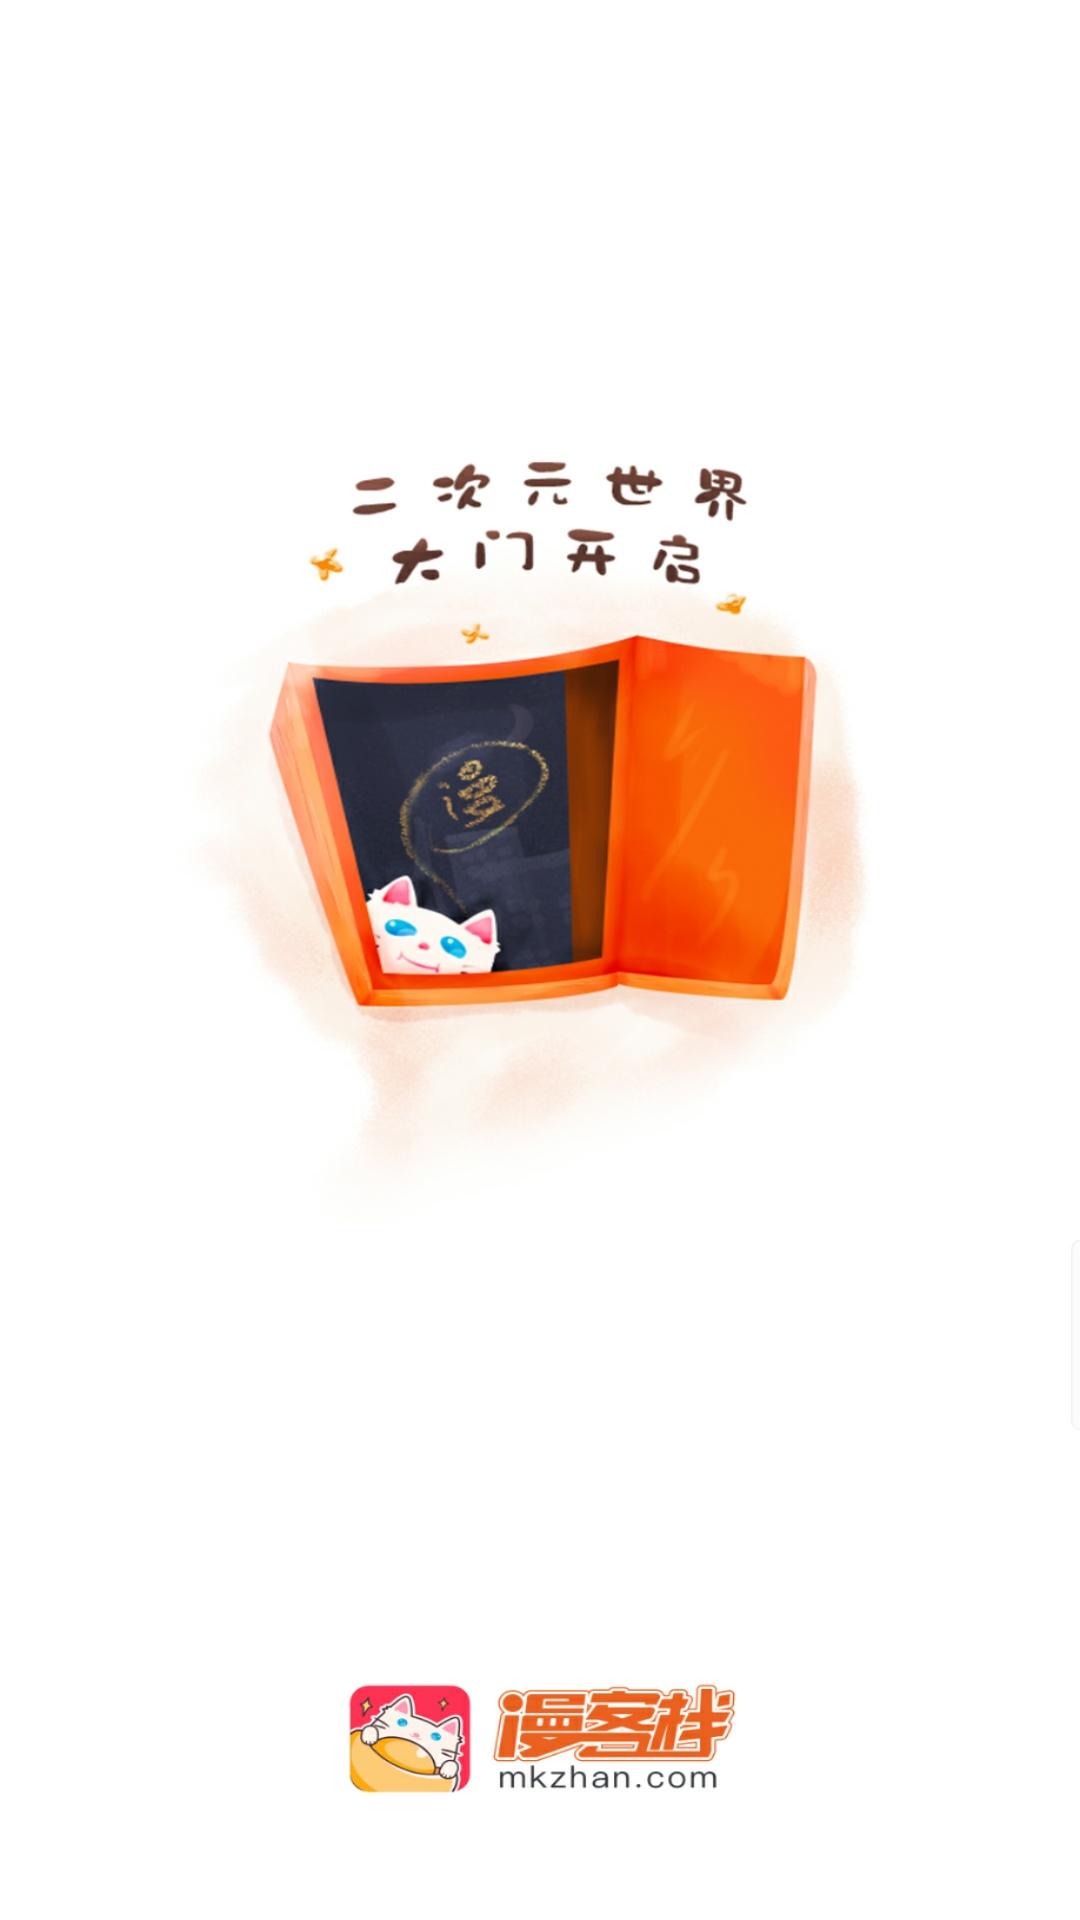 【资源分享】漫客栈3.1.1会员版★免付费★-爱小助